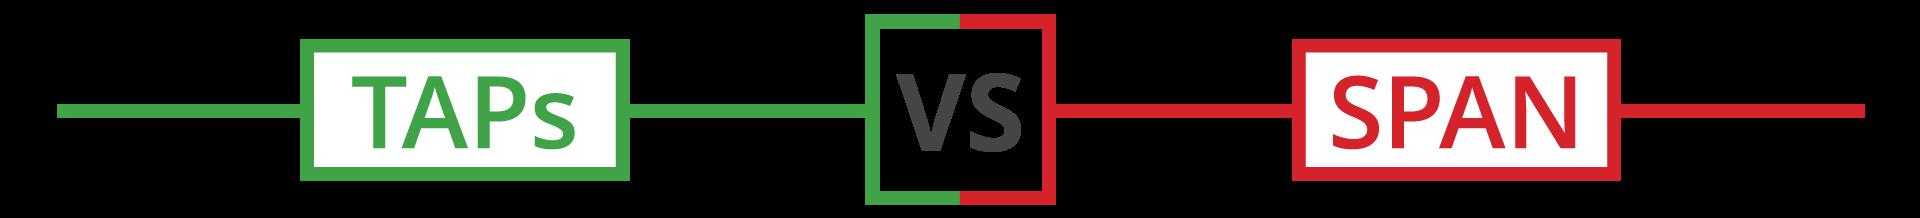 taps-vs-span